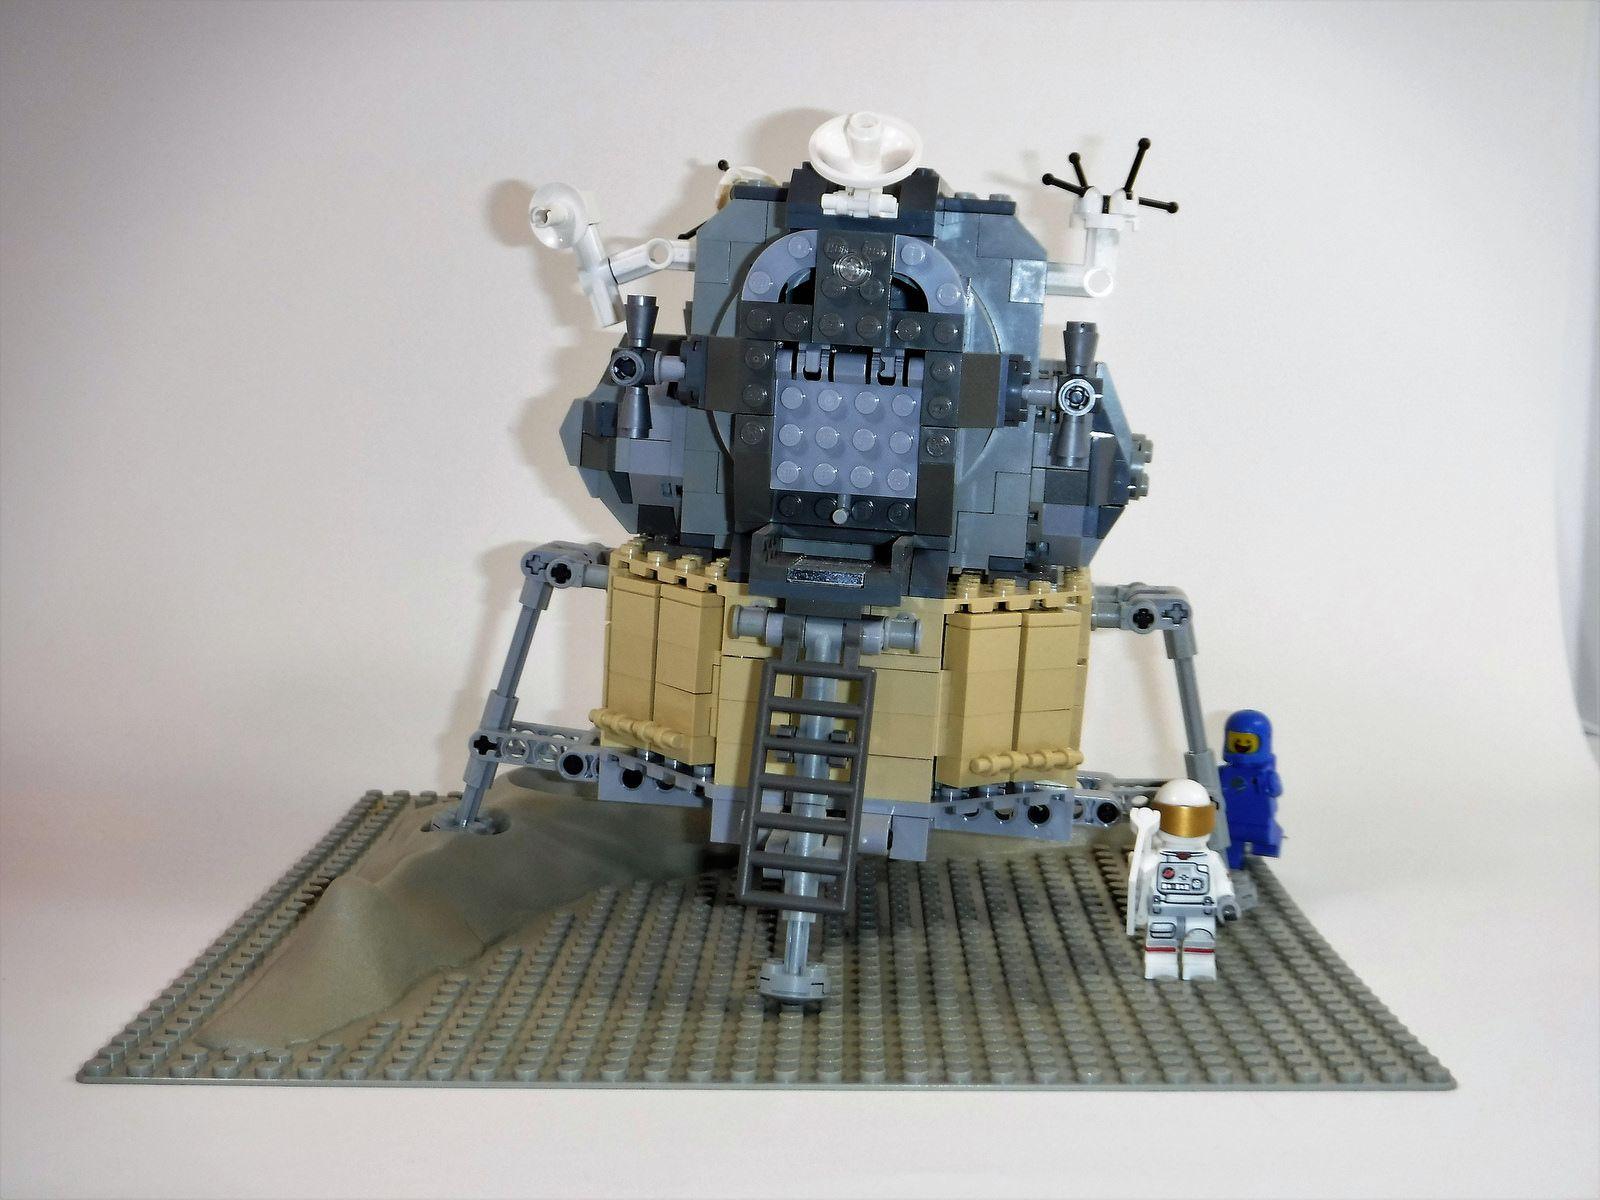 Lunar Apollo Apollo Lunar Lunar Lunare ModuleModulo Lunare Apollo ModuleModulo b6mY7fyvIg